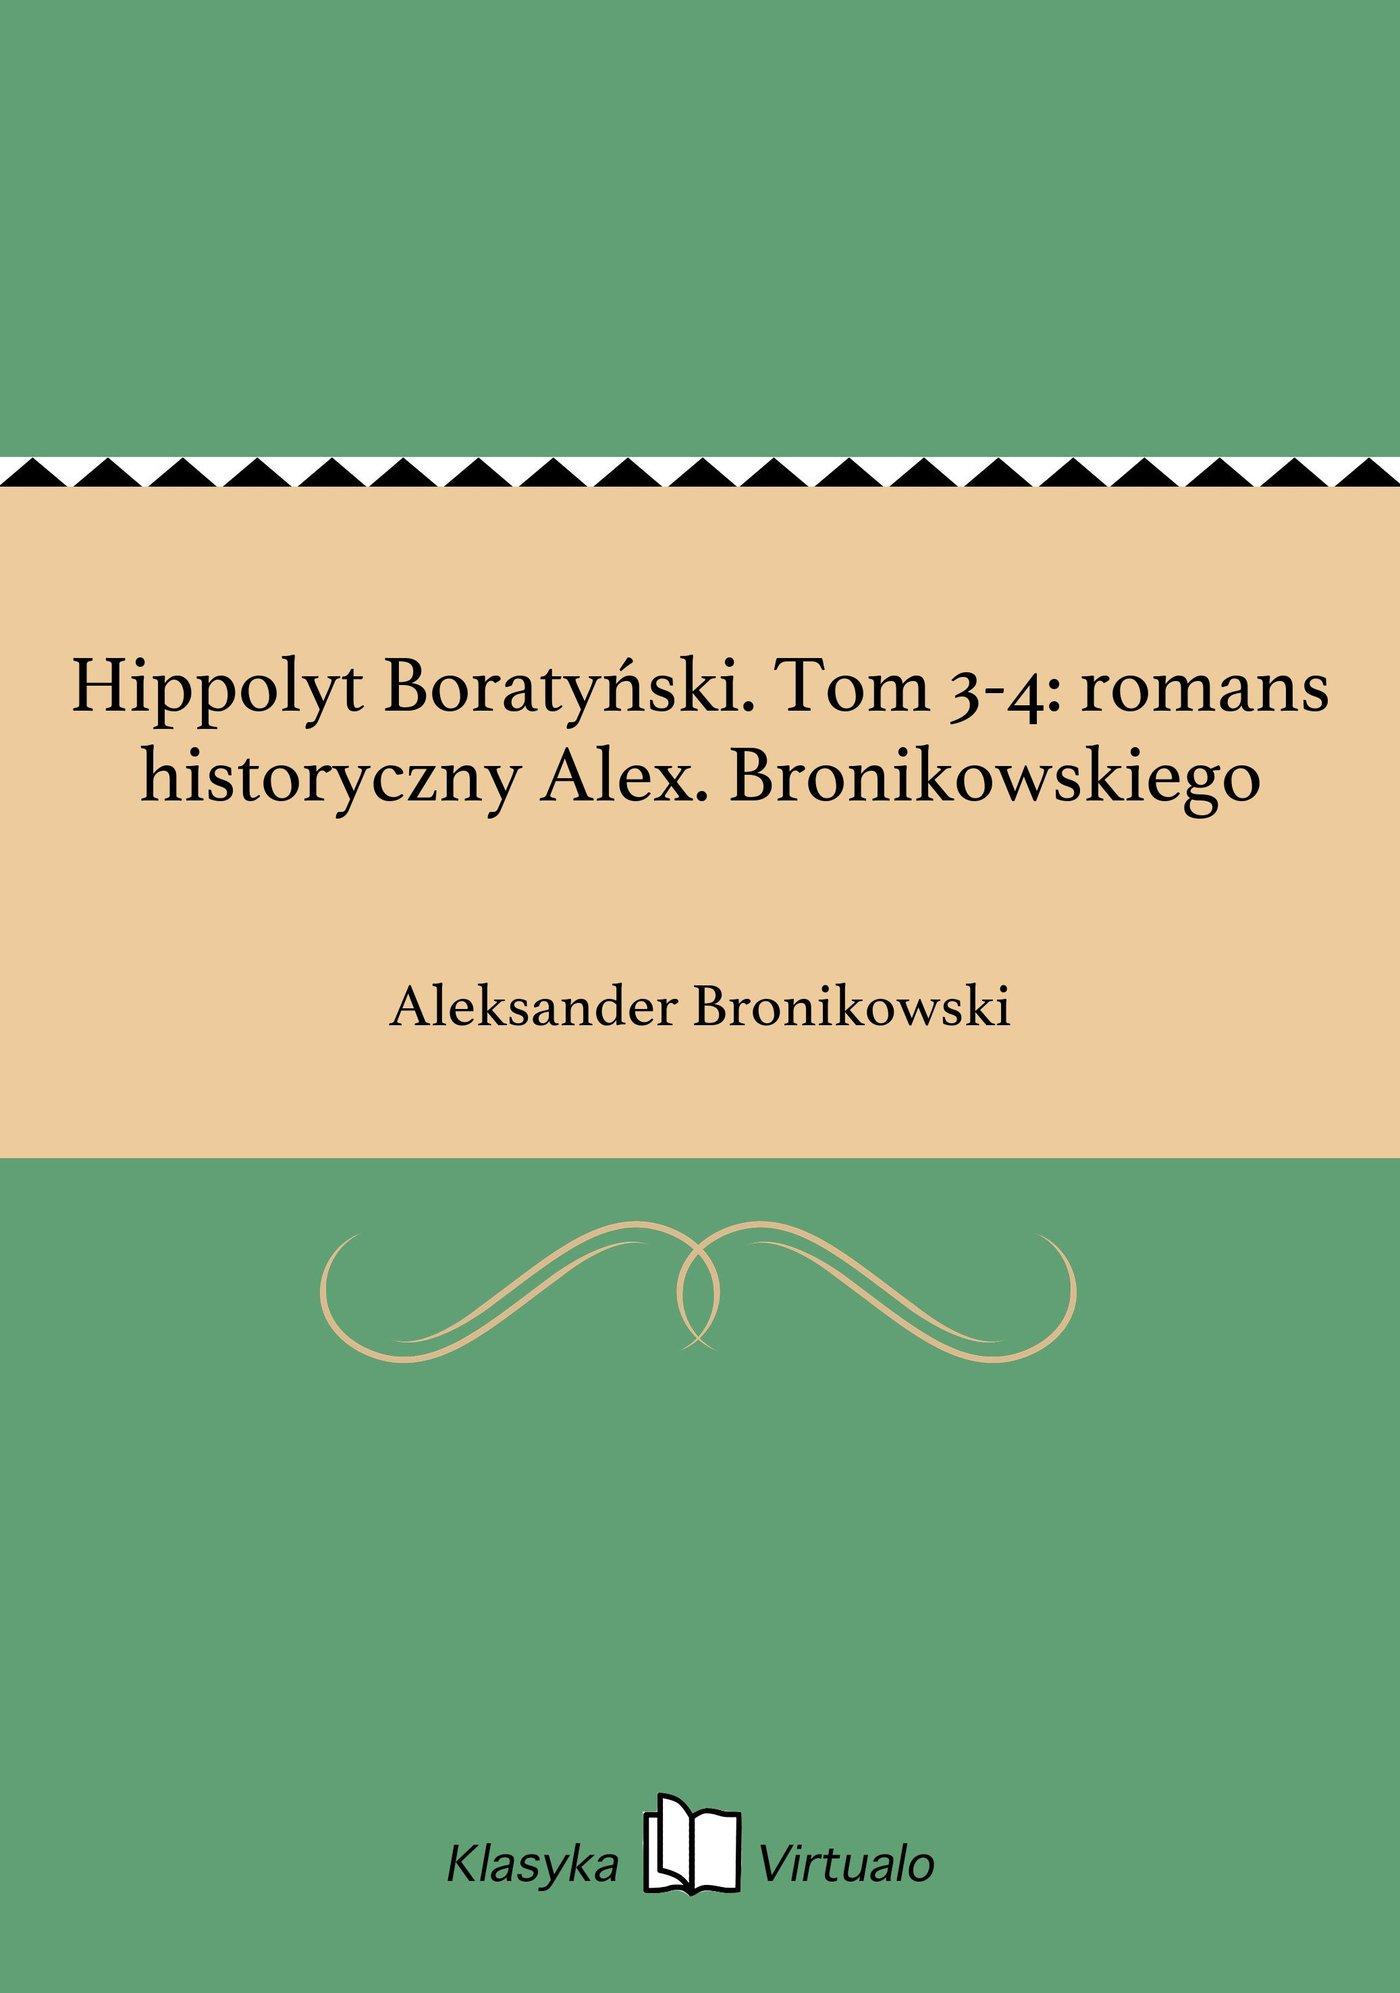 Hippolyt Boratyński. Tom 3-4: romans historyczny Alex. Bronikowskiego - Ebook (Książka EPUB) do pobrania w formacie EPUB